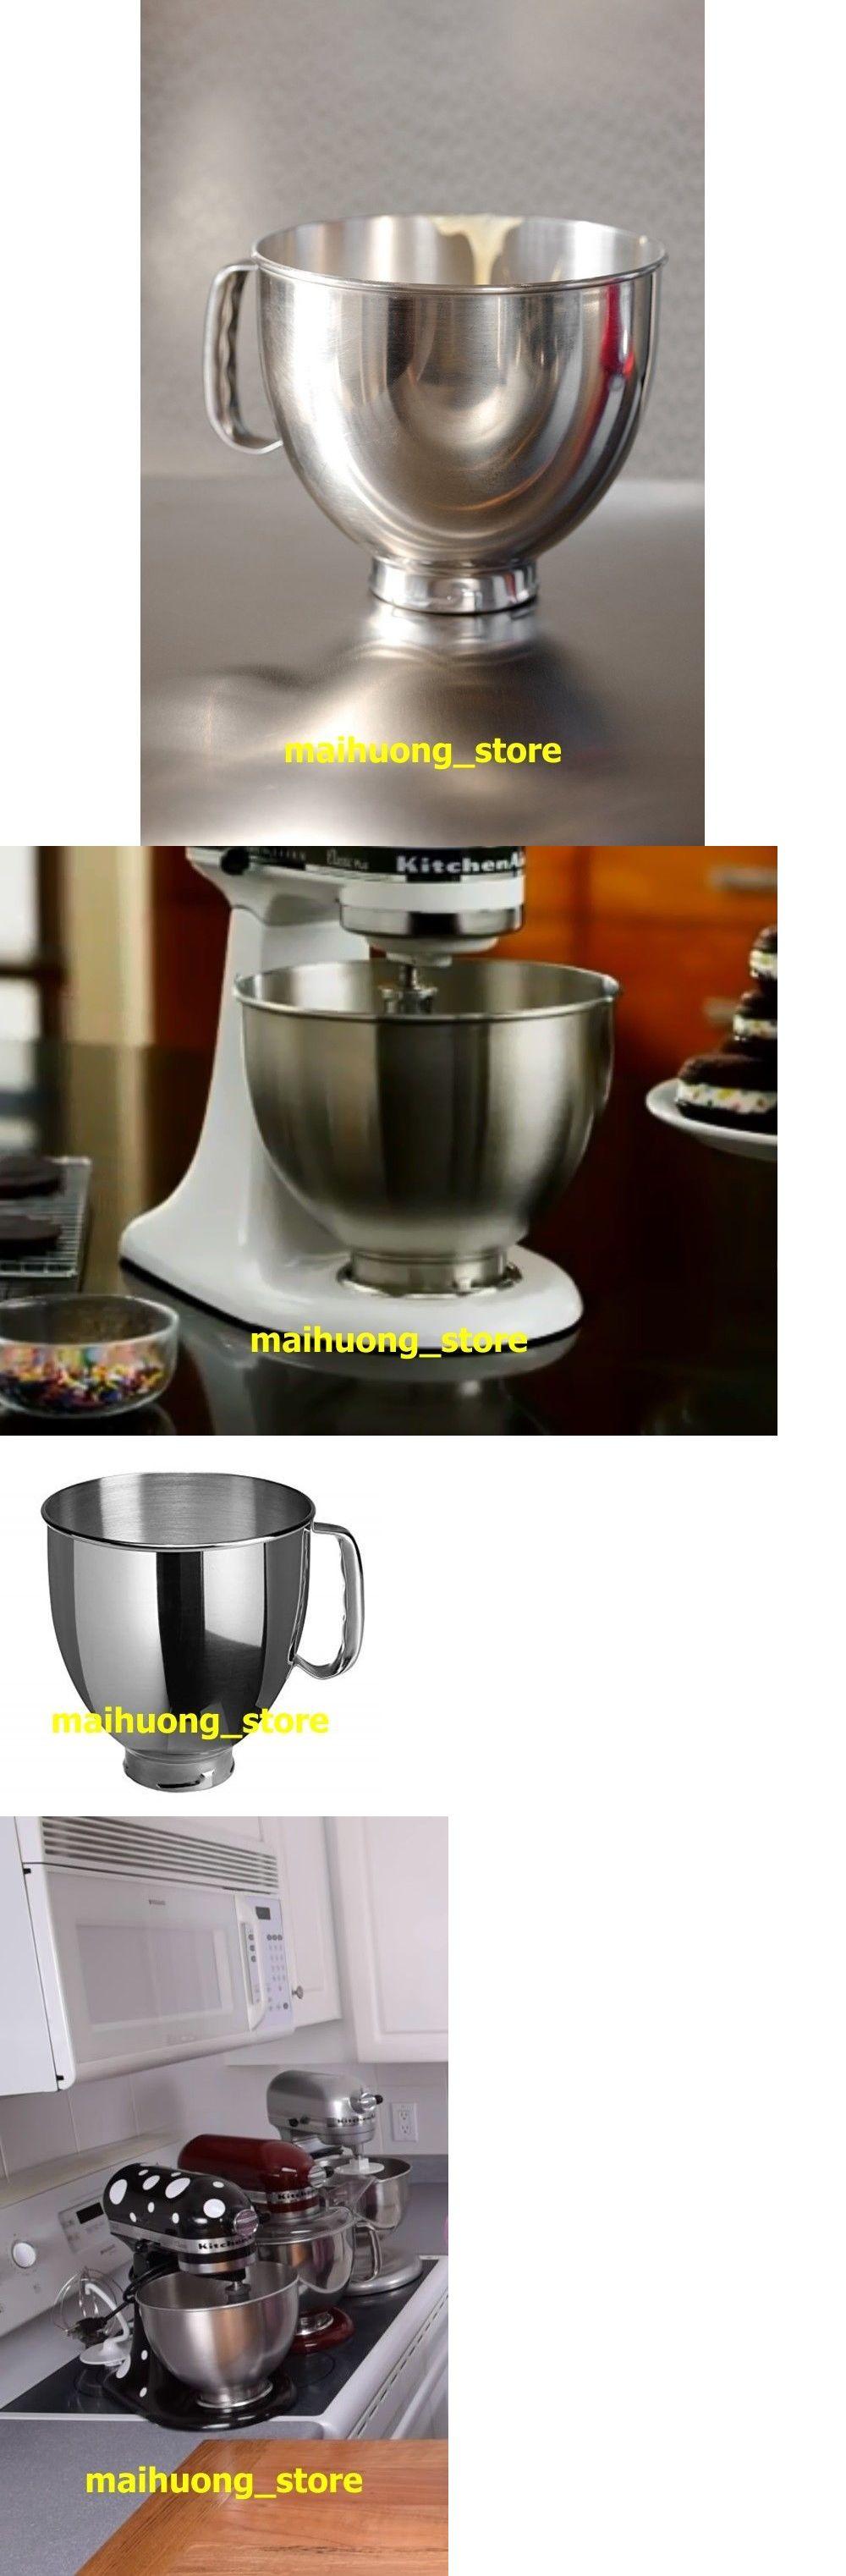 Countertop mixers 133701 kitchenaid 5 qt bowl tilt head